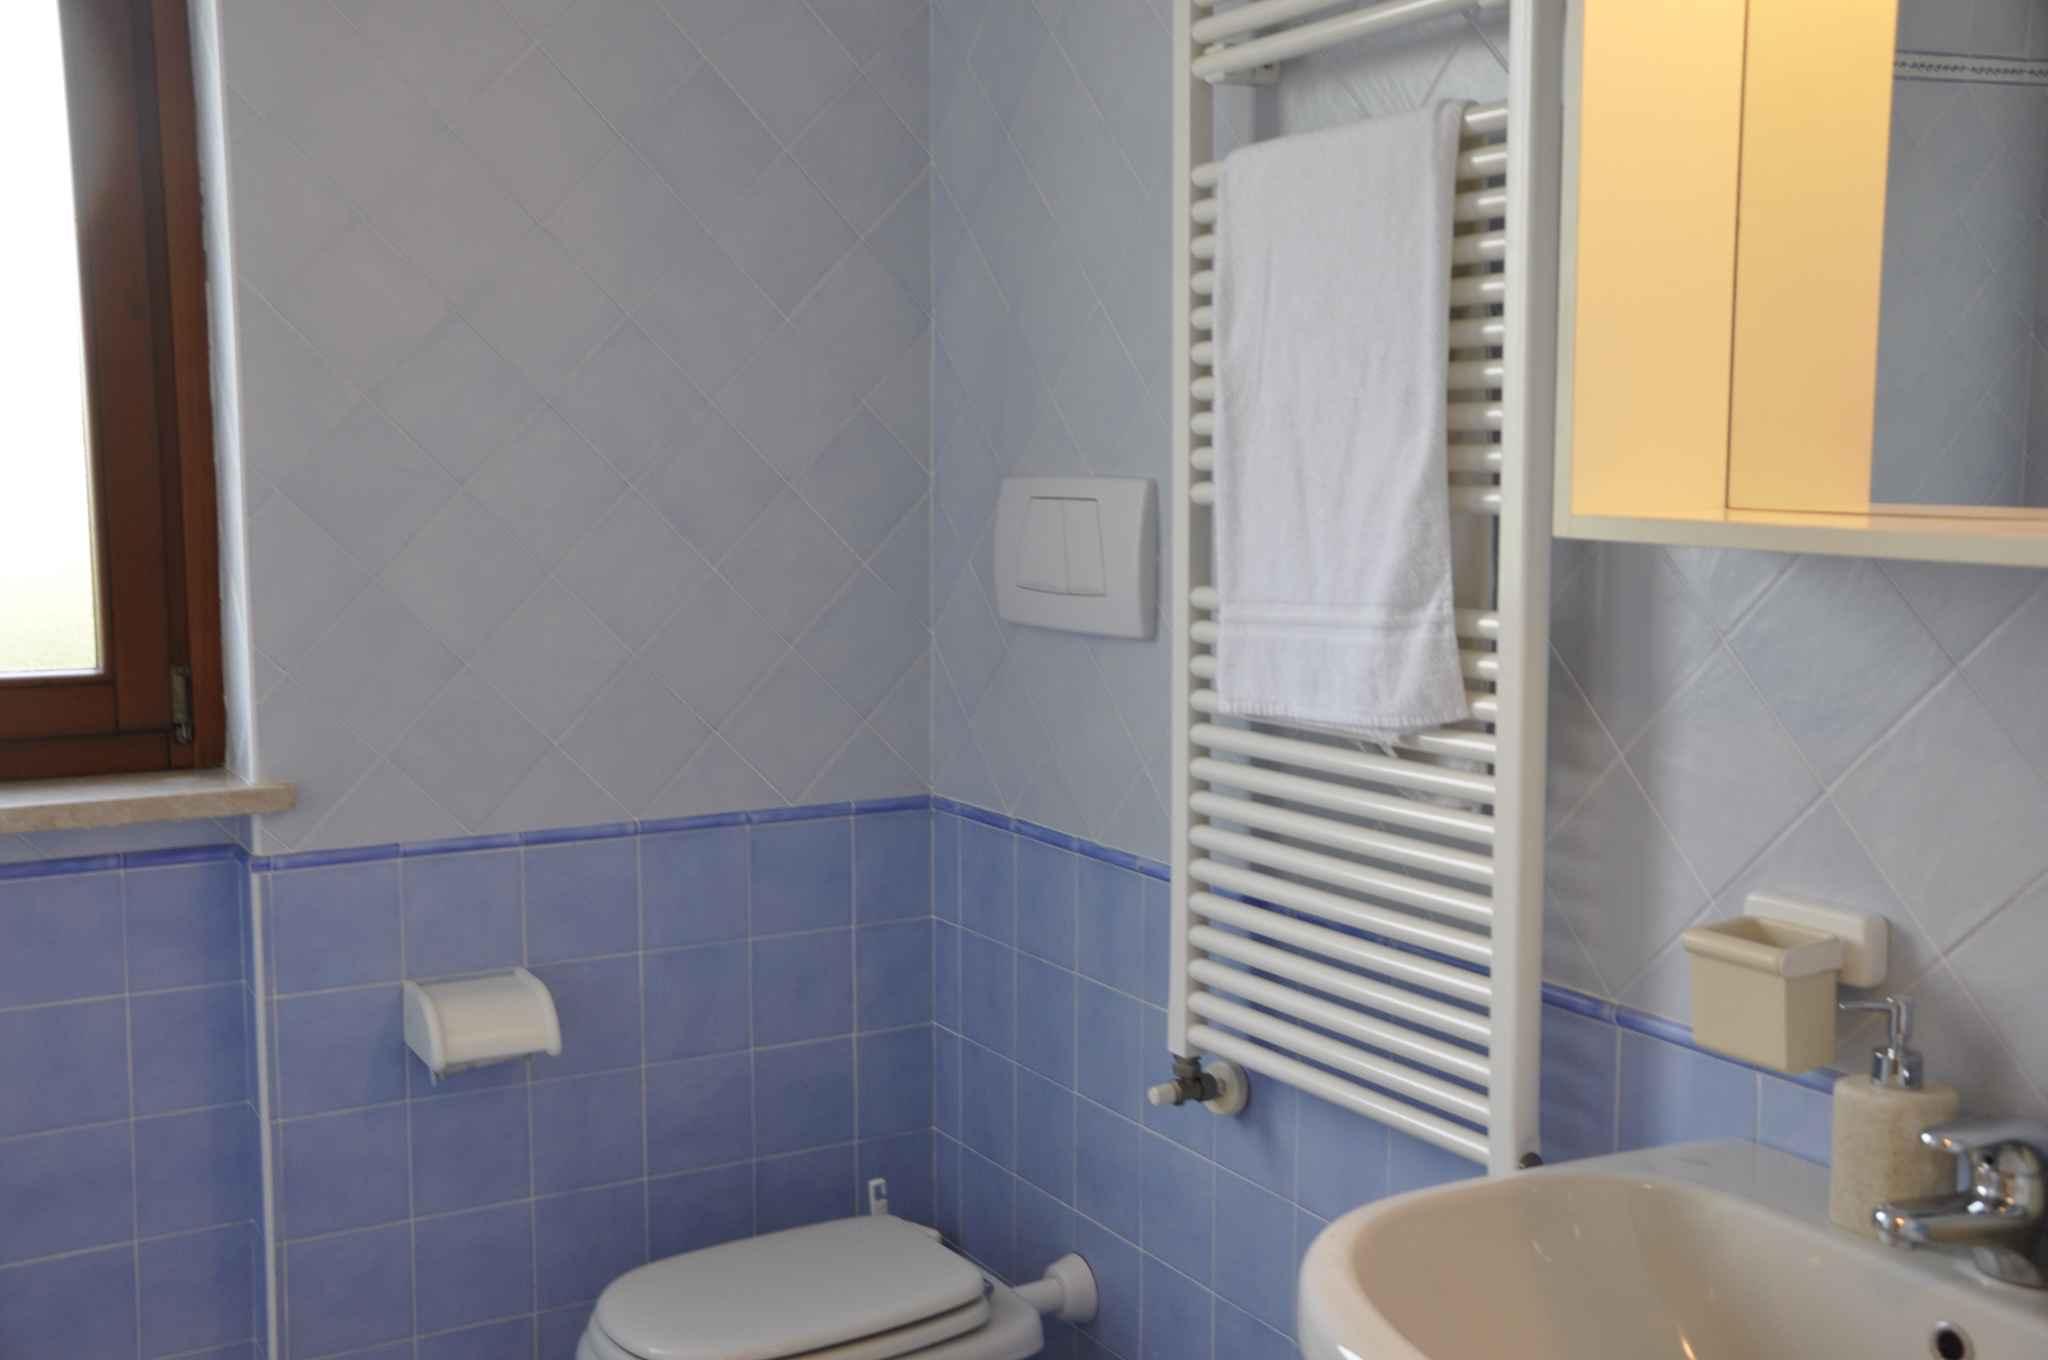 Ferienwohnung con piscina (488636), Lazise, Gardasee, Venetien, Italien, Bild 29